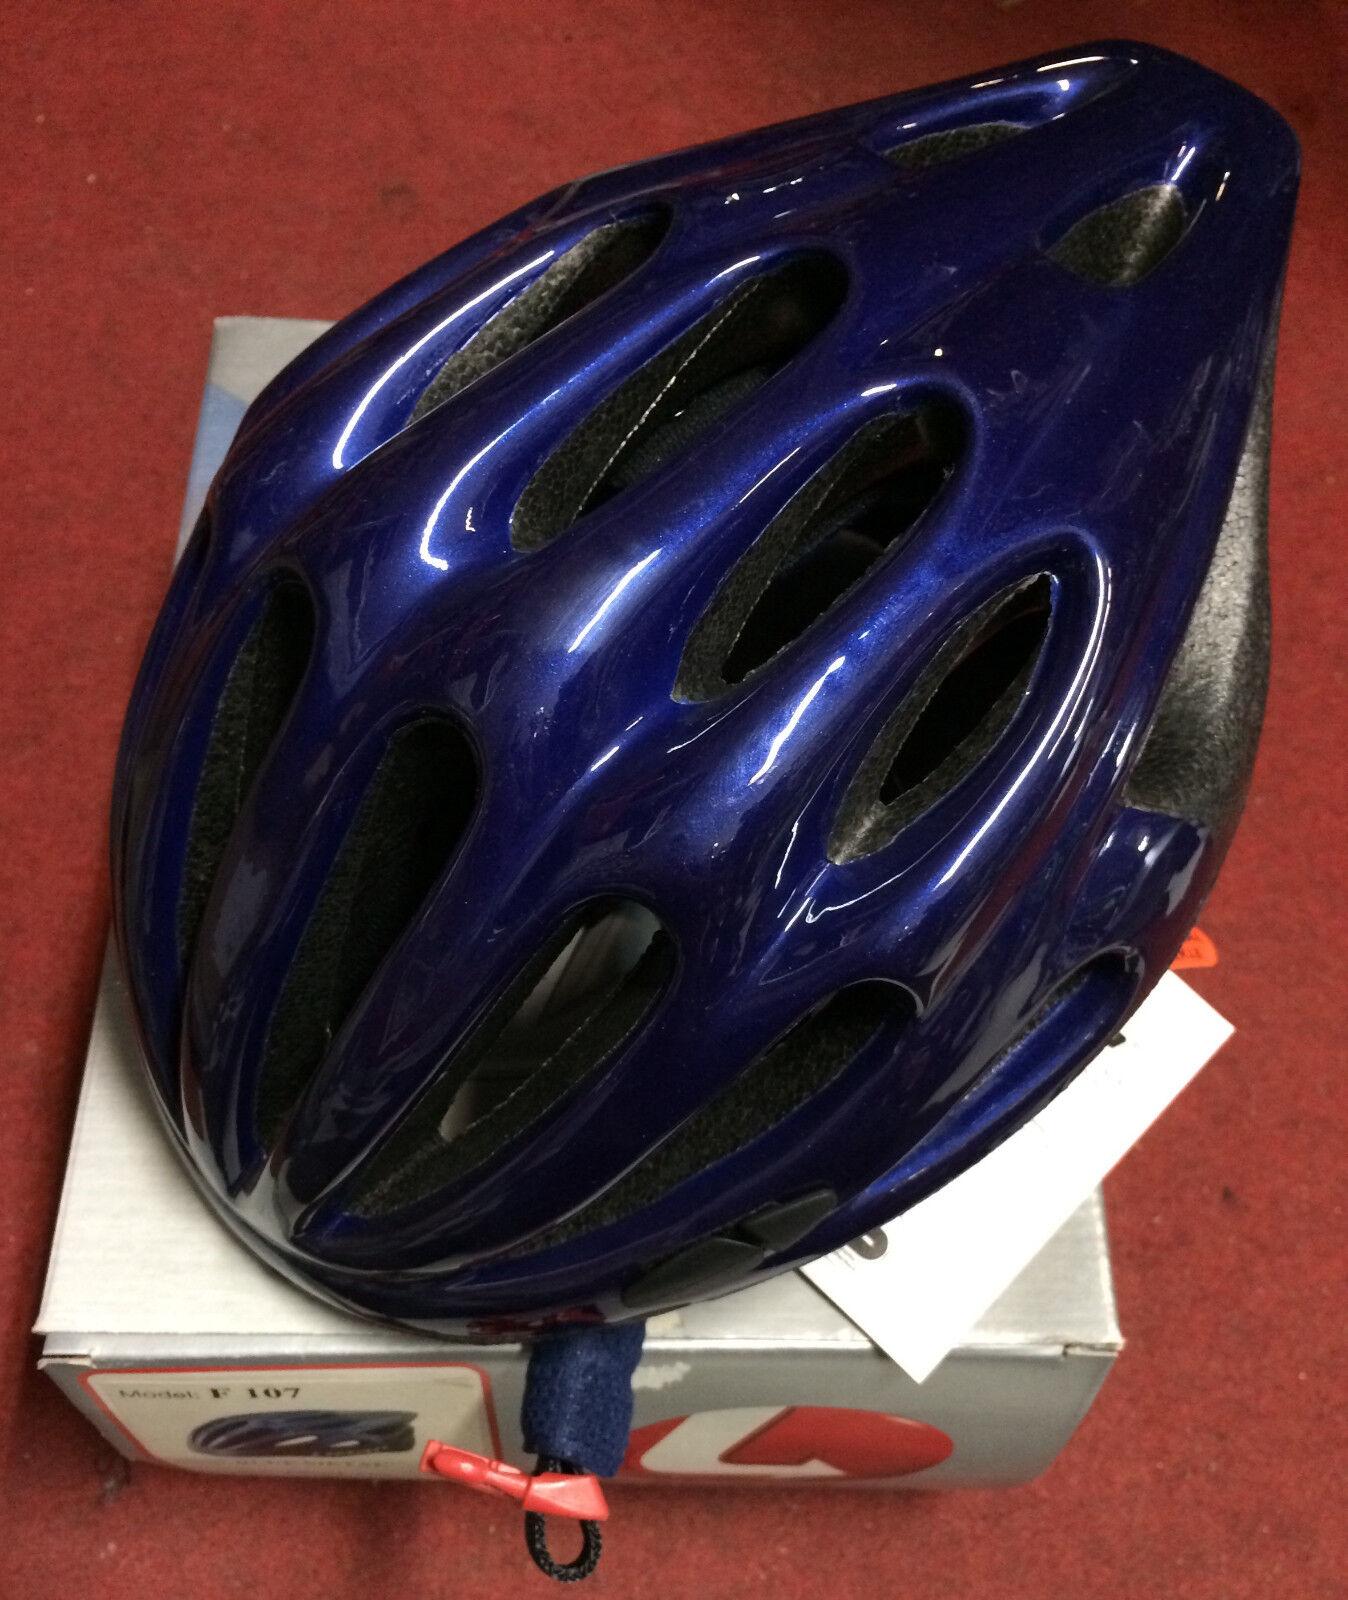 Casco bici corsa Limar F107 road road road bike helmet M 54-57 XL 58-61 cm blu metal 4fdb1f